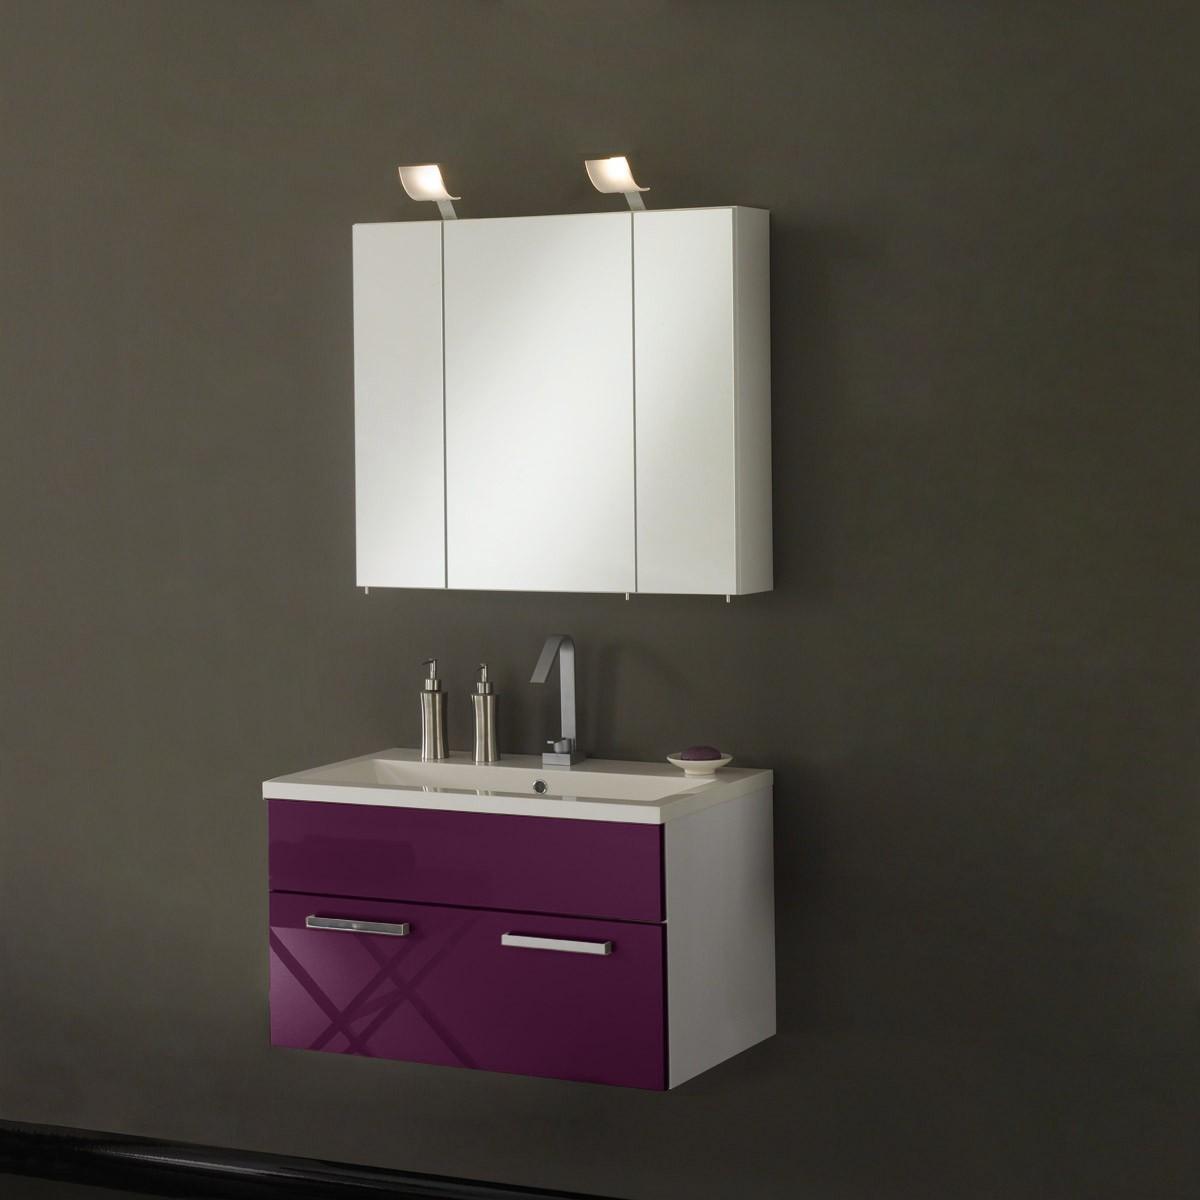 Waschplatz Victoria - inklusive Becken + Spiegelschrank 80cm - weiß/aubergine Hochglanz